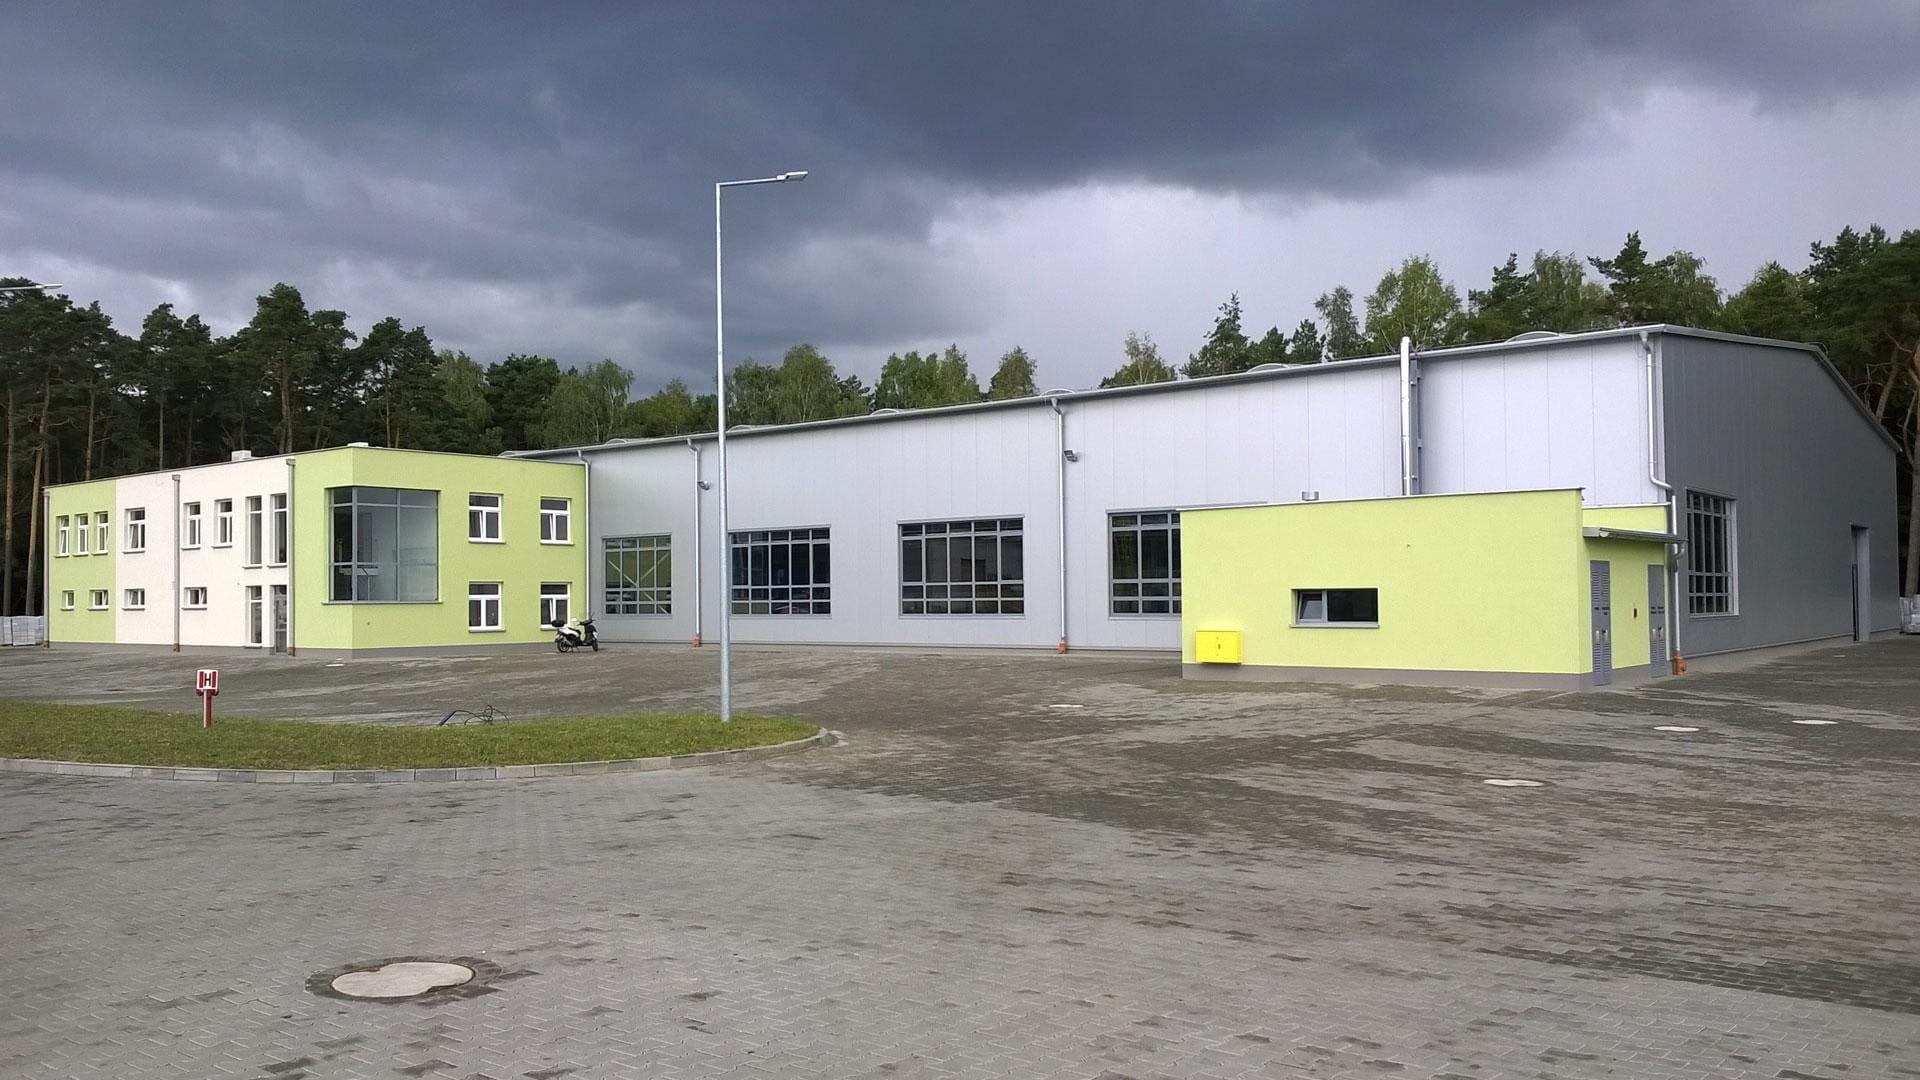 Hala Hanplast Bydgoszcz